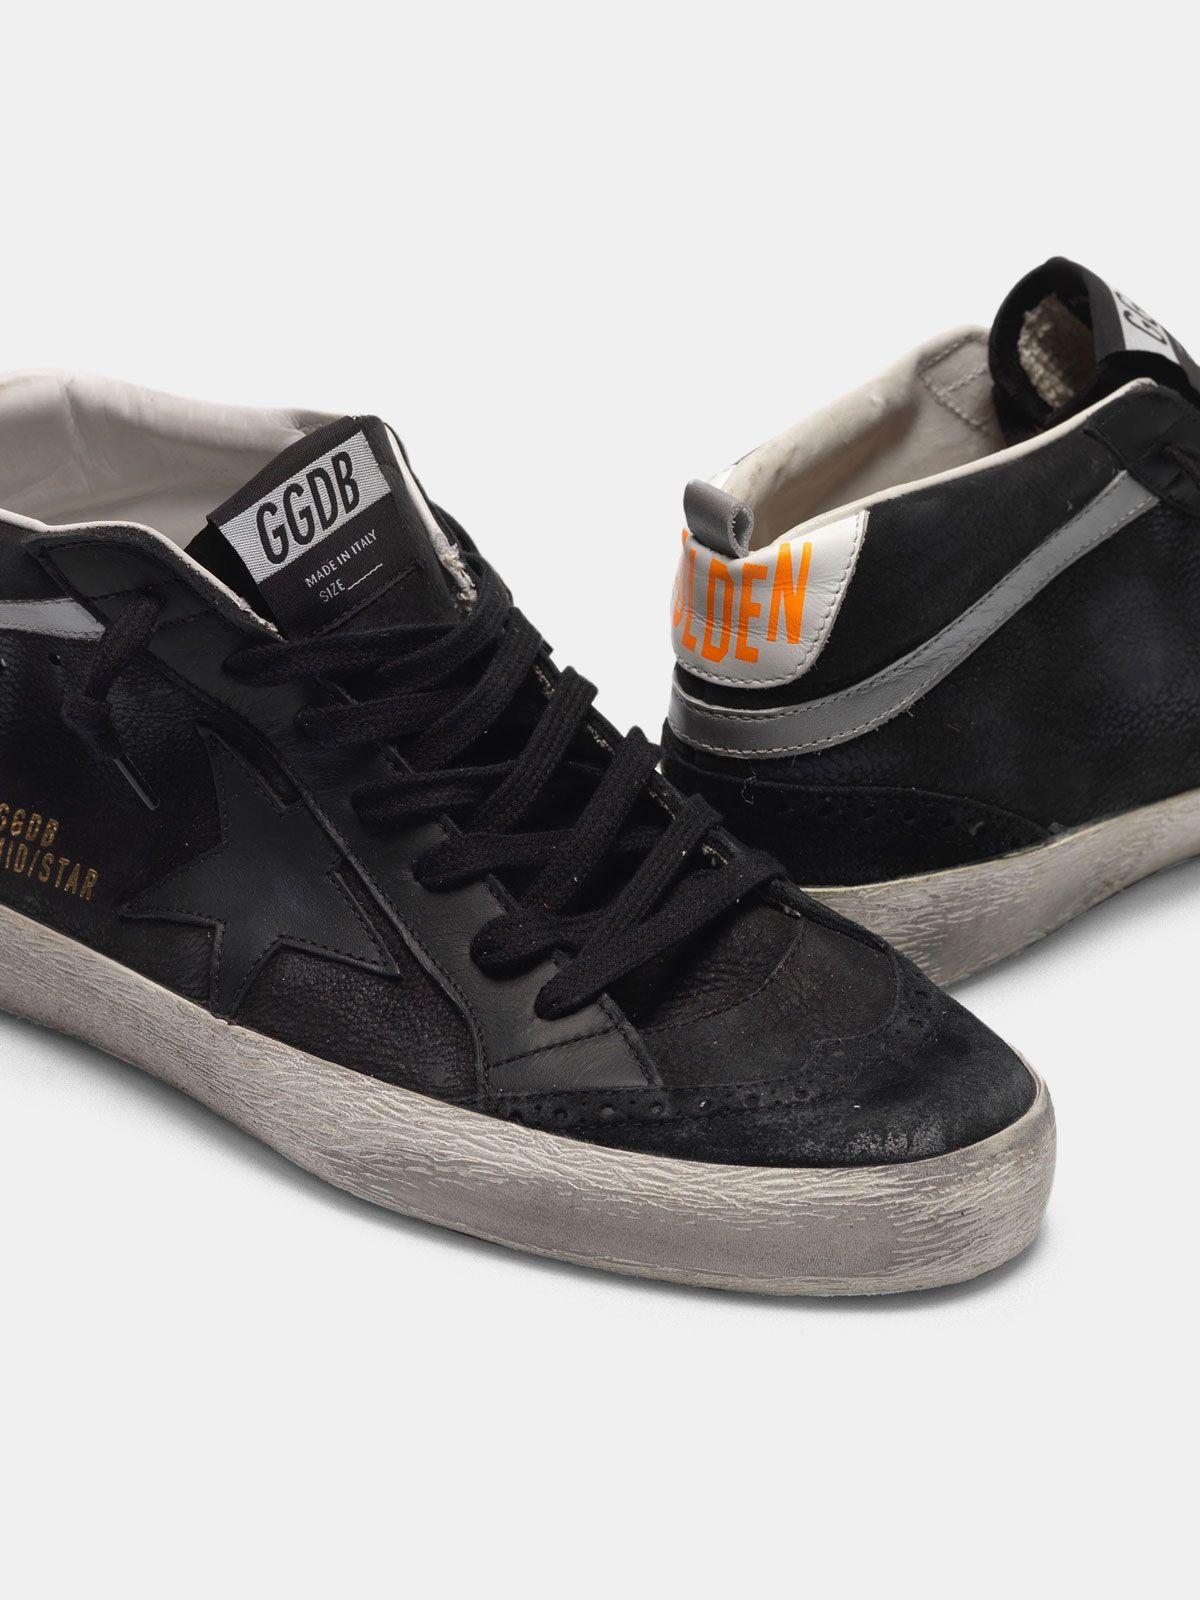 Golden Goose - Zapatillas deportivas Mid-Star de piel con aplicaciones de nobuk  in